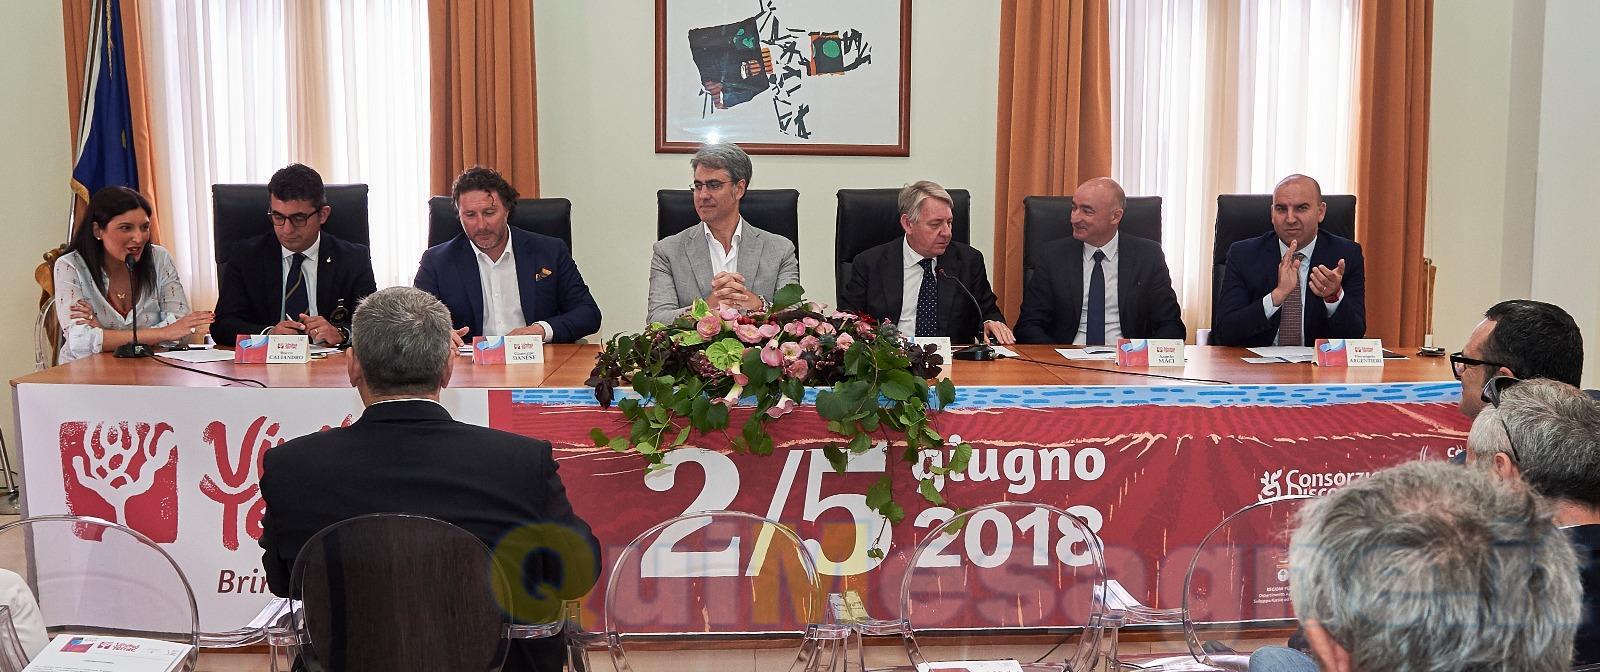 """Brindisi è pronta a far festa con il """"Vinibus Terrae 2018"""" – VIDEO INTERVISTE"""